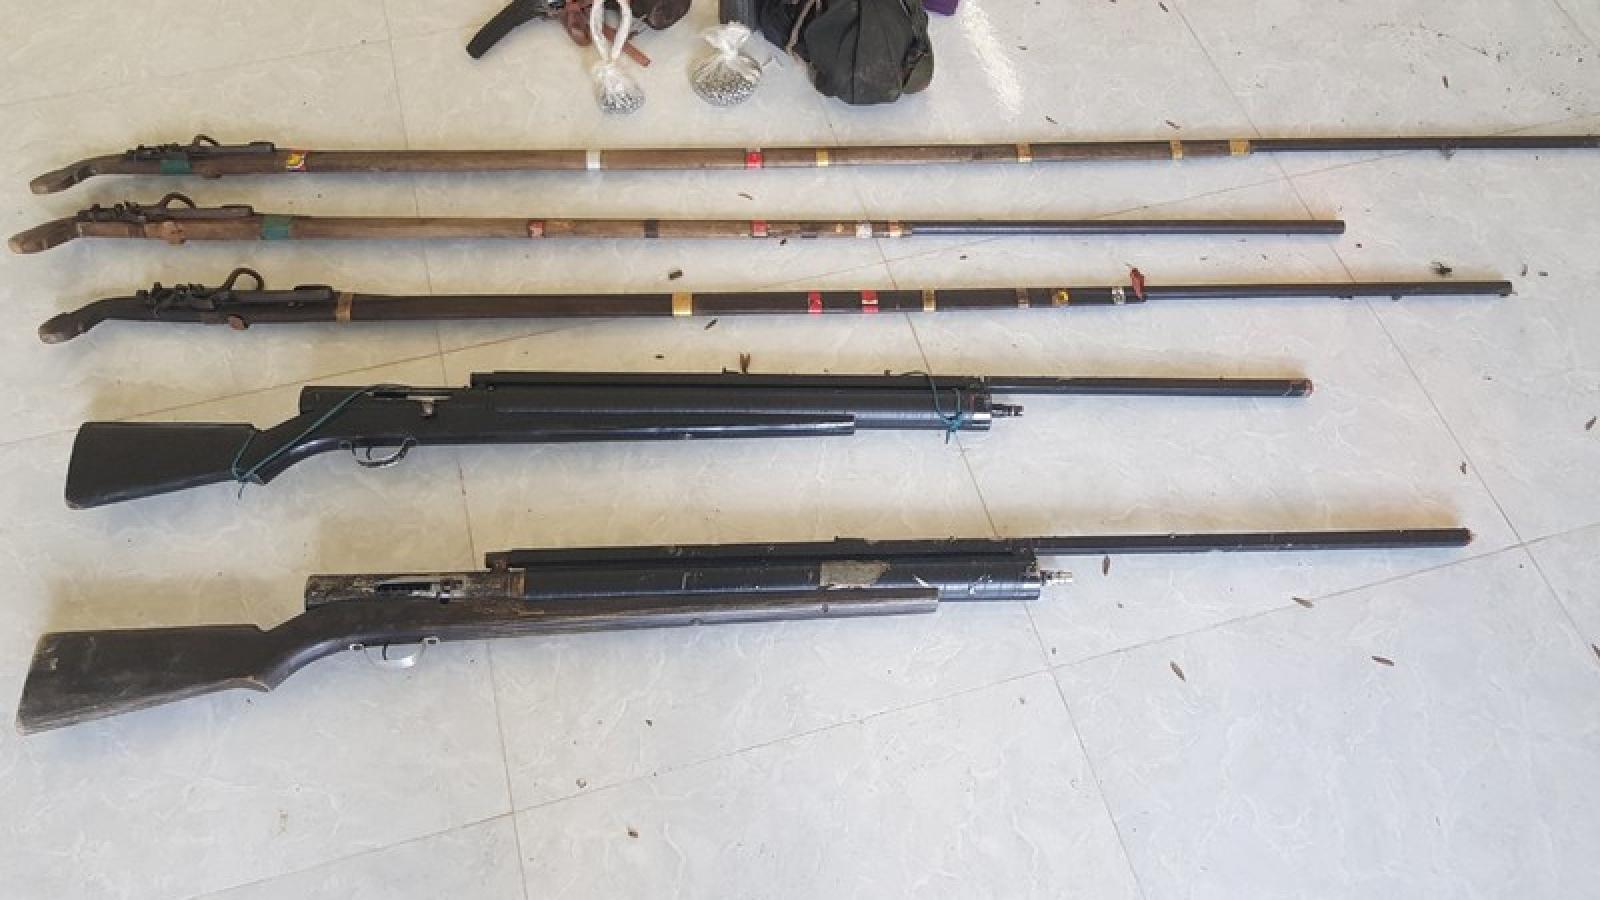 Điện Biên phát hiện, thu giữ nhiều súng tự chế khi kiểm tra rừng